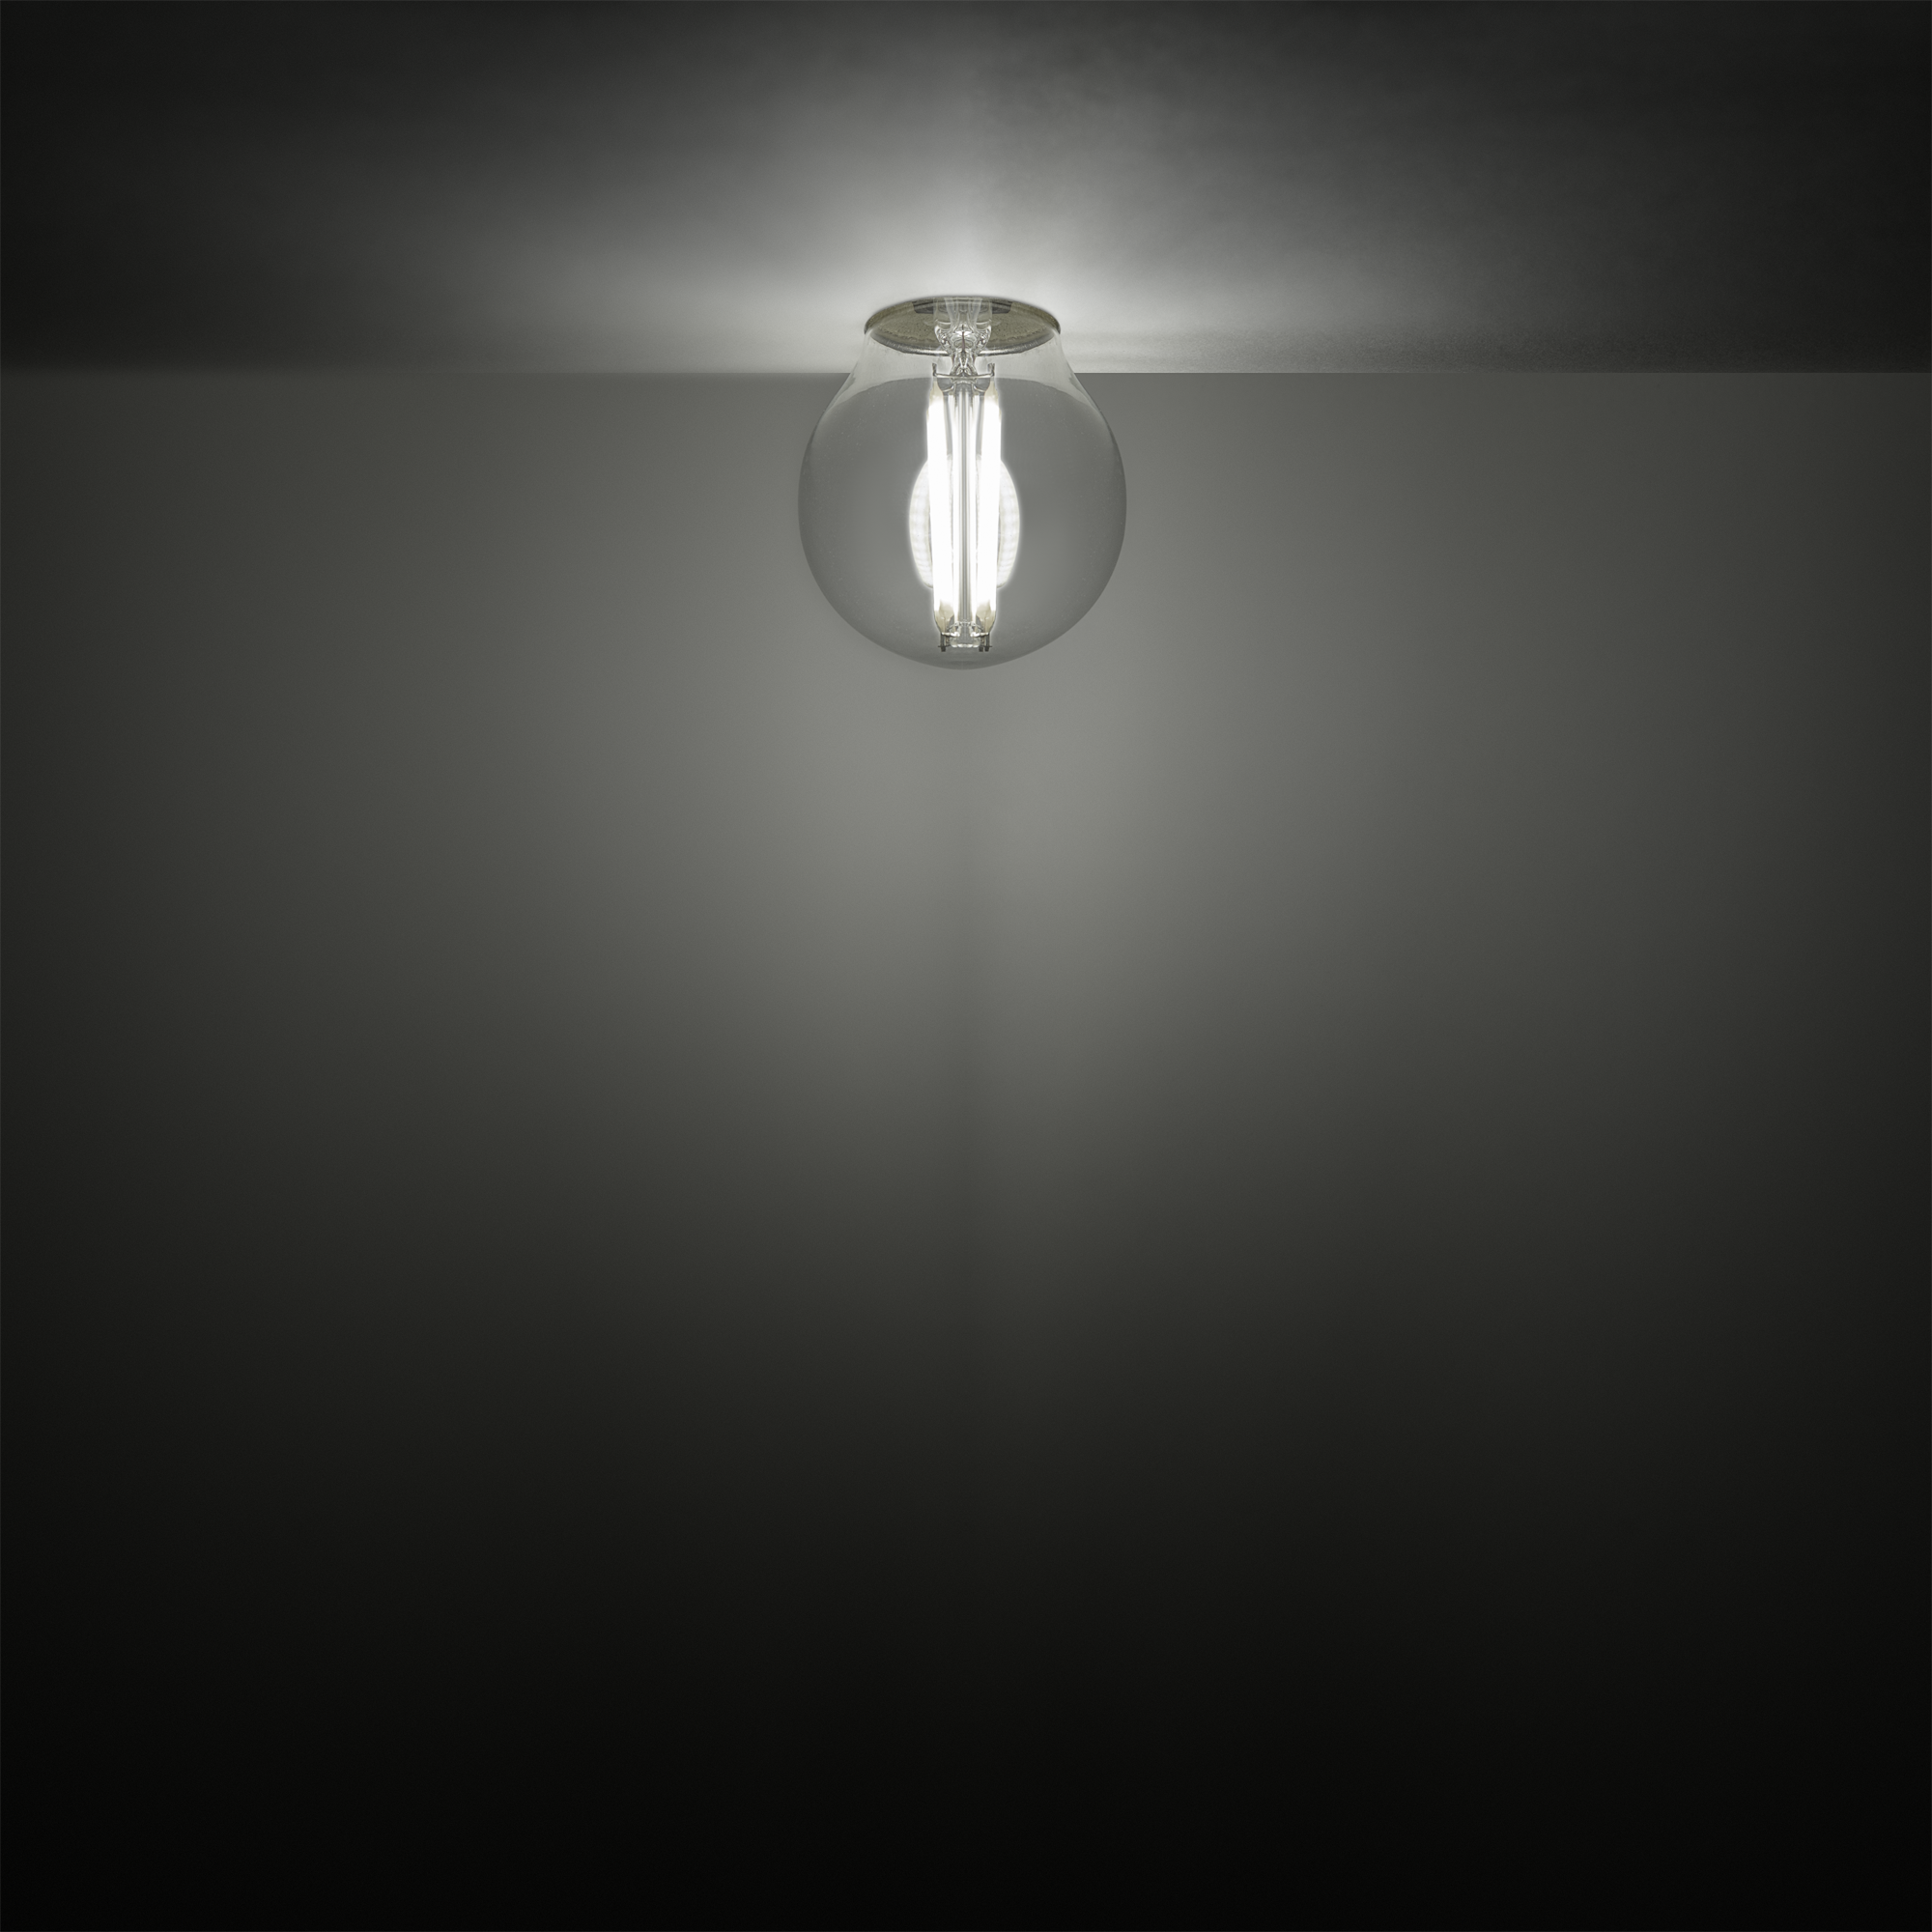 Лампа светодиодная Gauss E27 220 В 4.5 Вт шар 420 лм белый свет